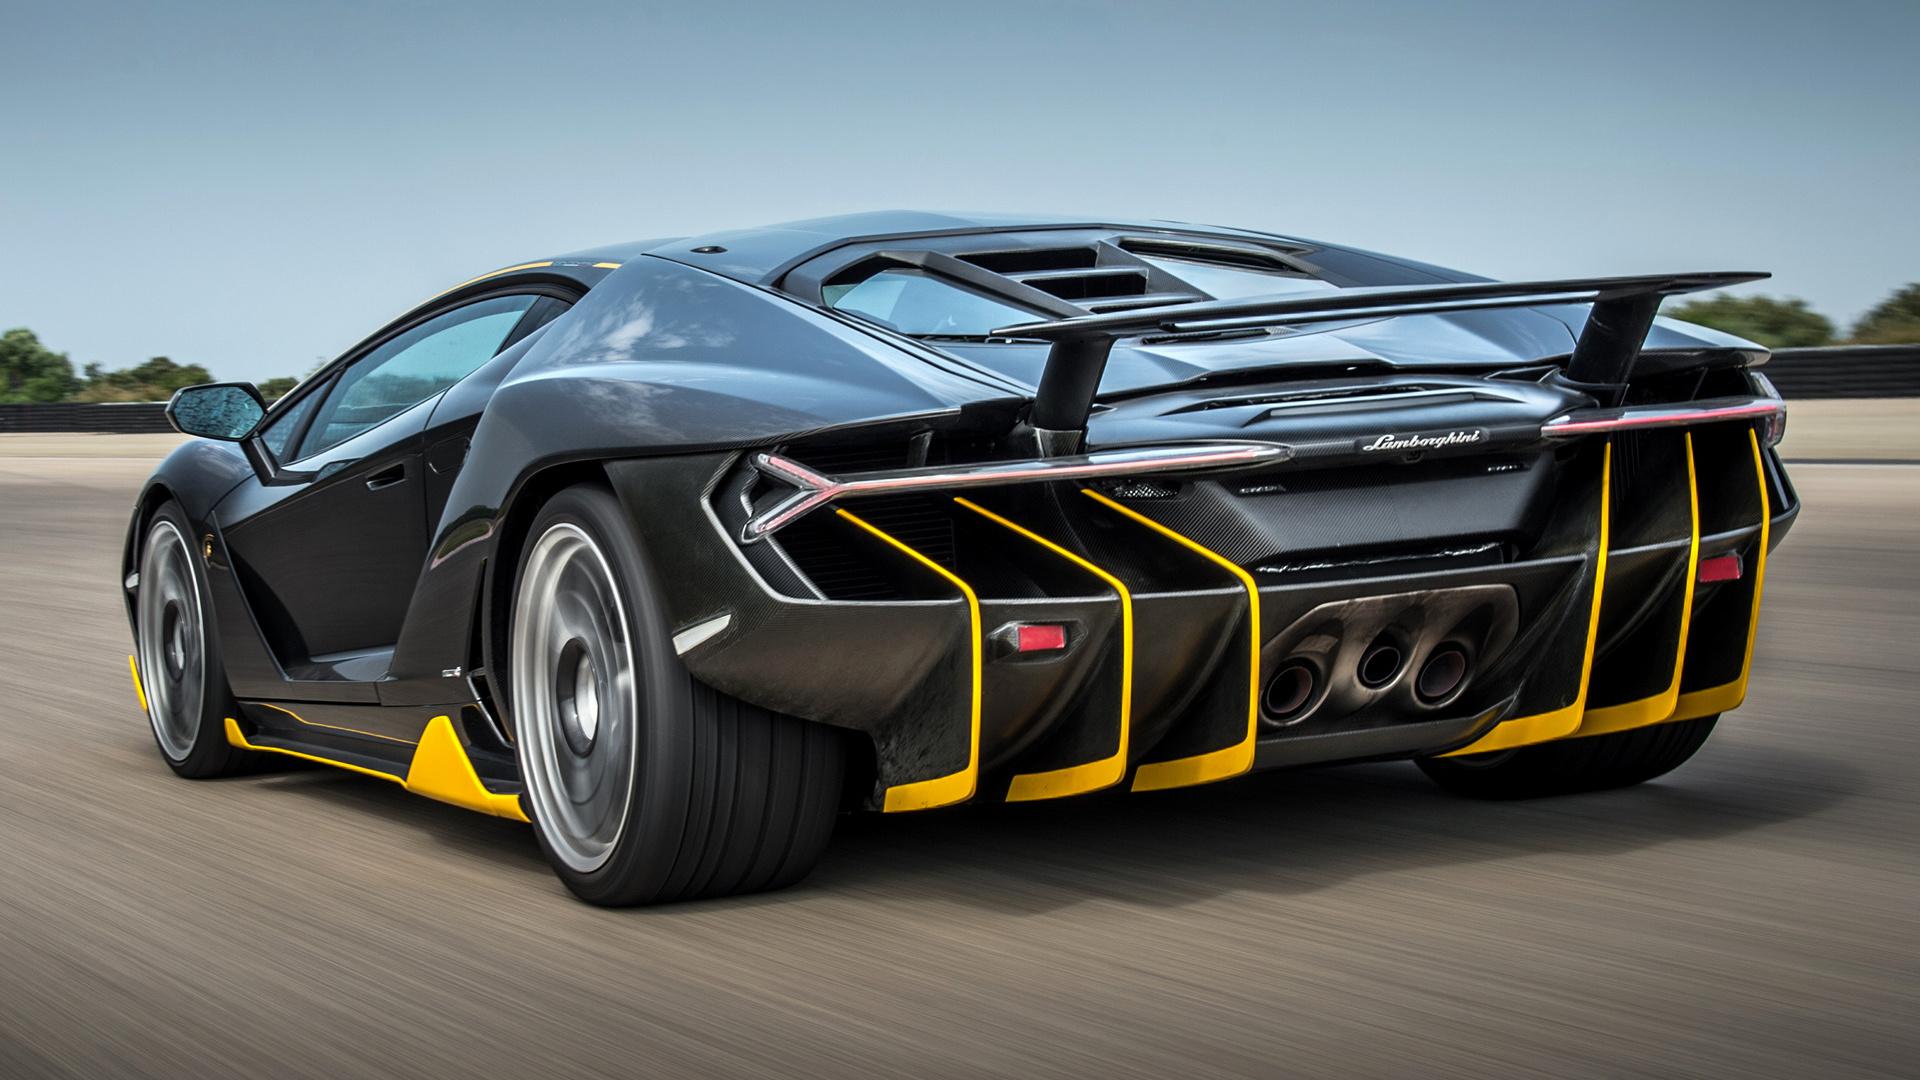 Lamborghini Centenario 2016 Wallpapers And HD Images